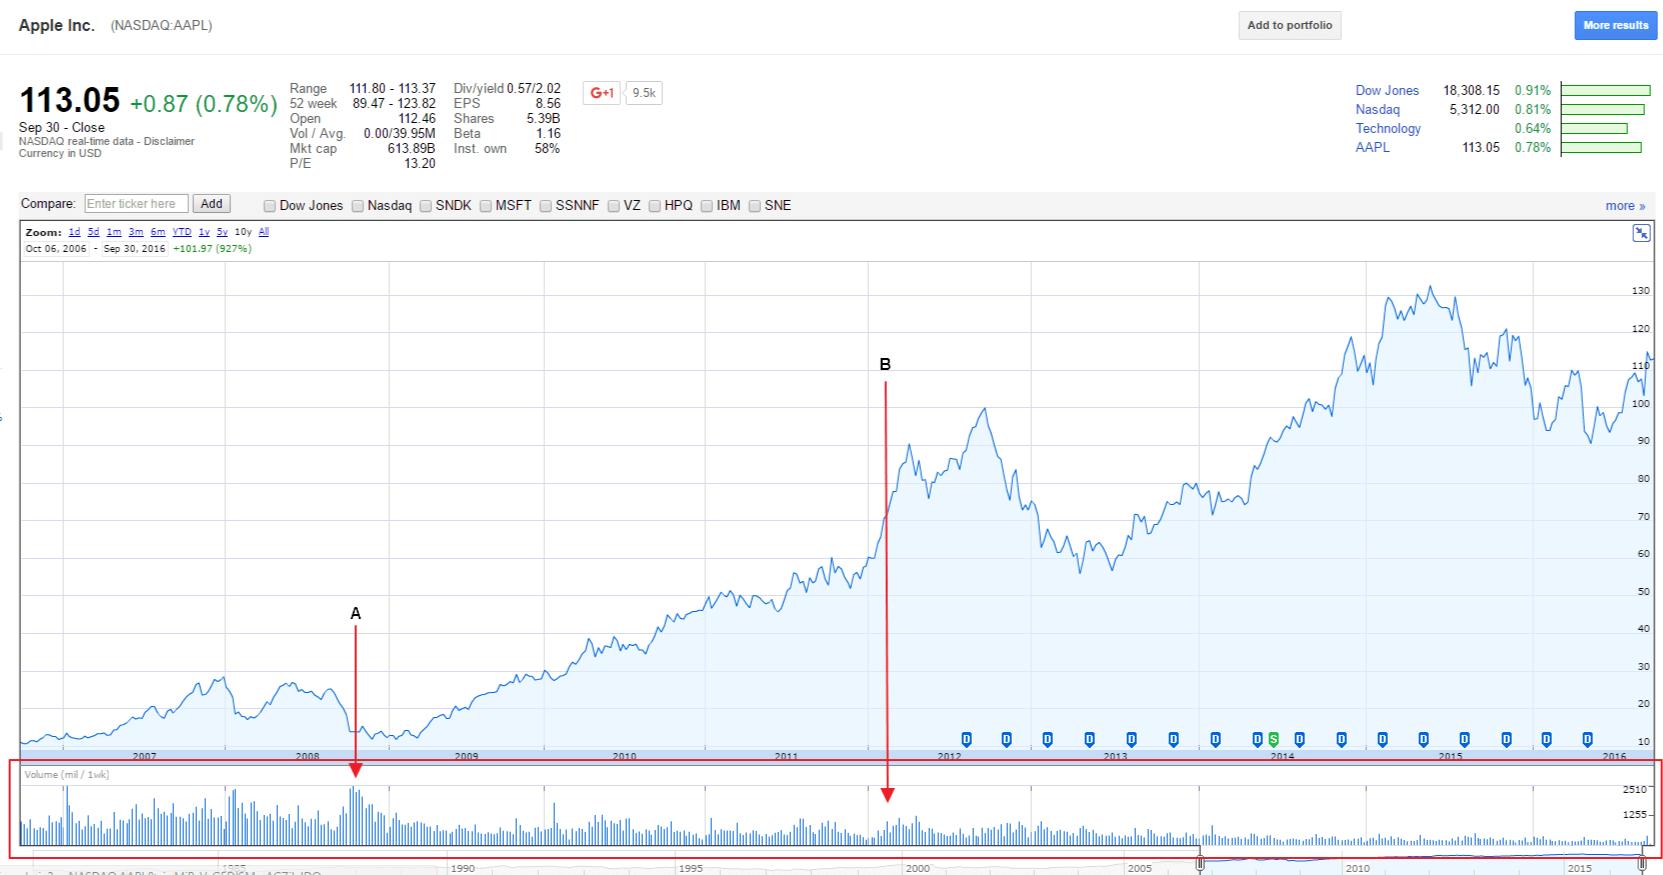 Chart demonstrating trading volume